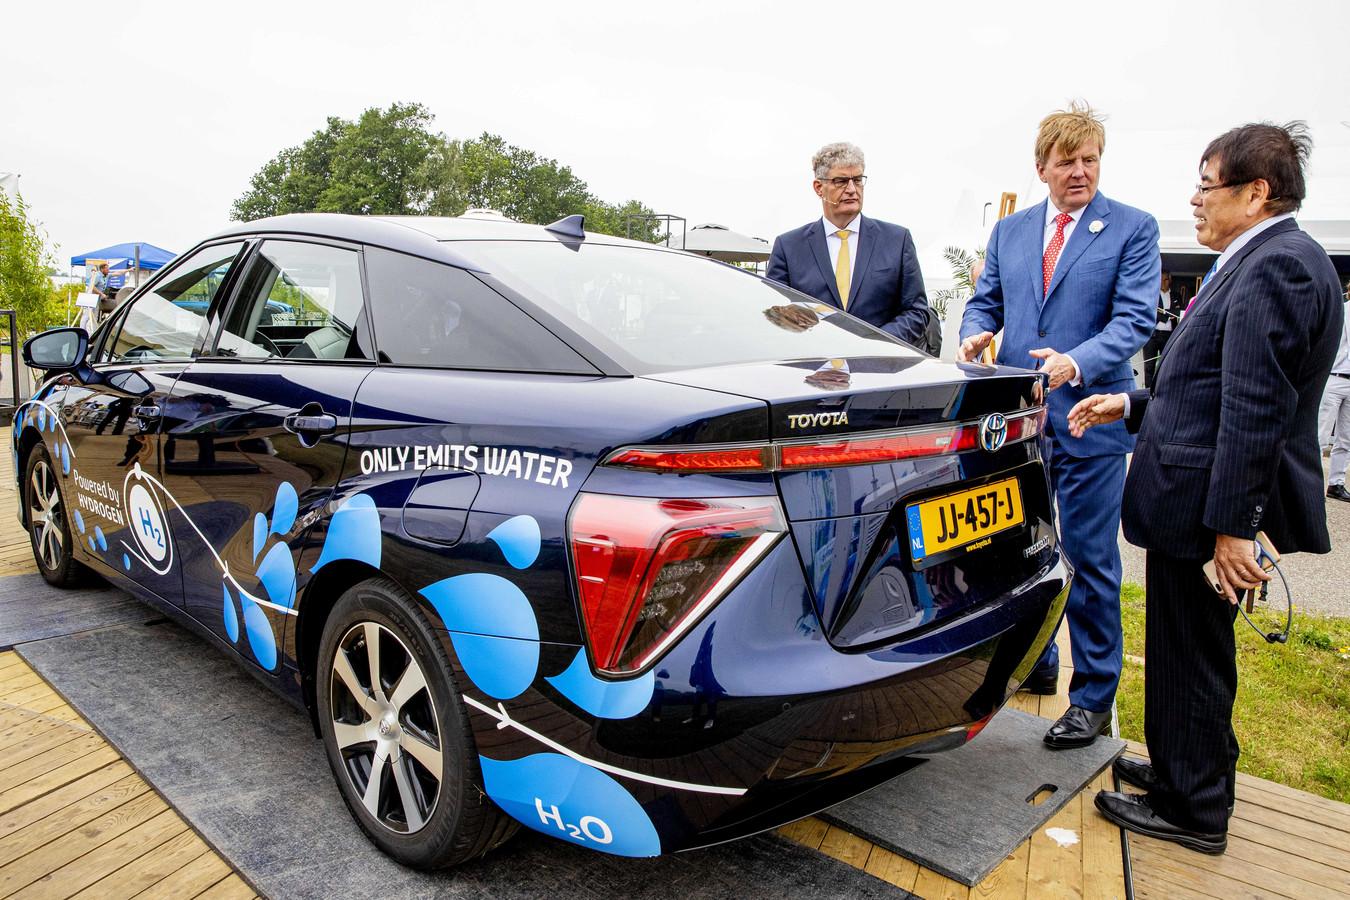 Koning Willem-Alexander bij de huidige Toyota Mirai. Het tanken van waterstof is in Nederland nog bijna niet mogelijk